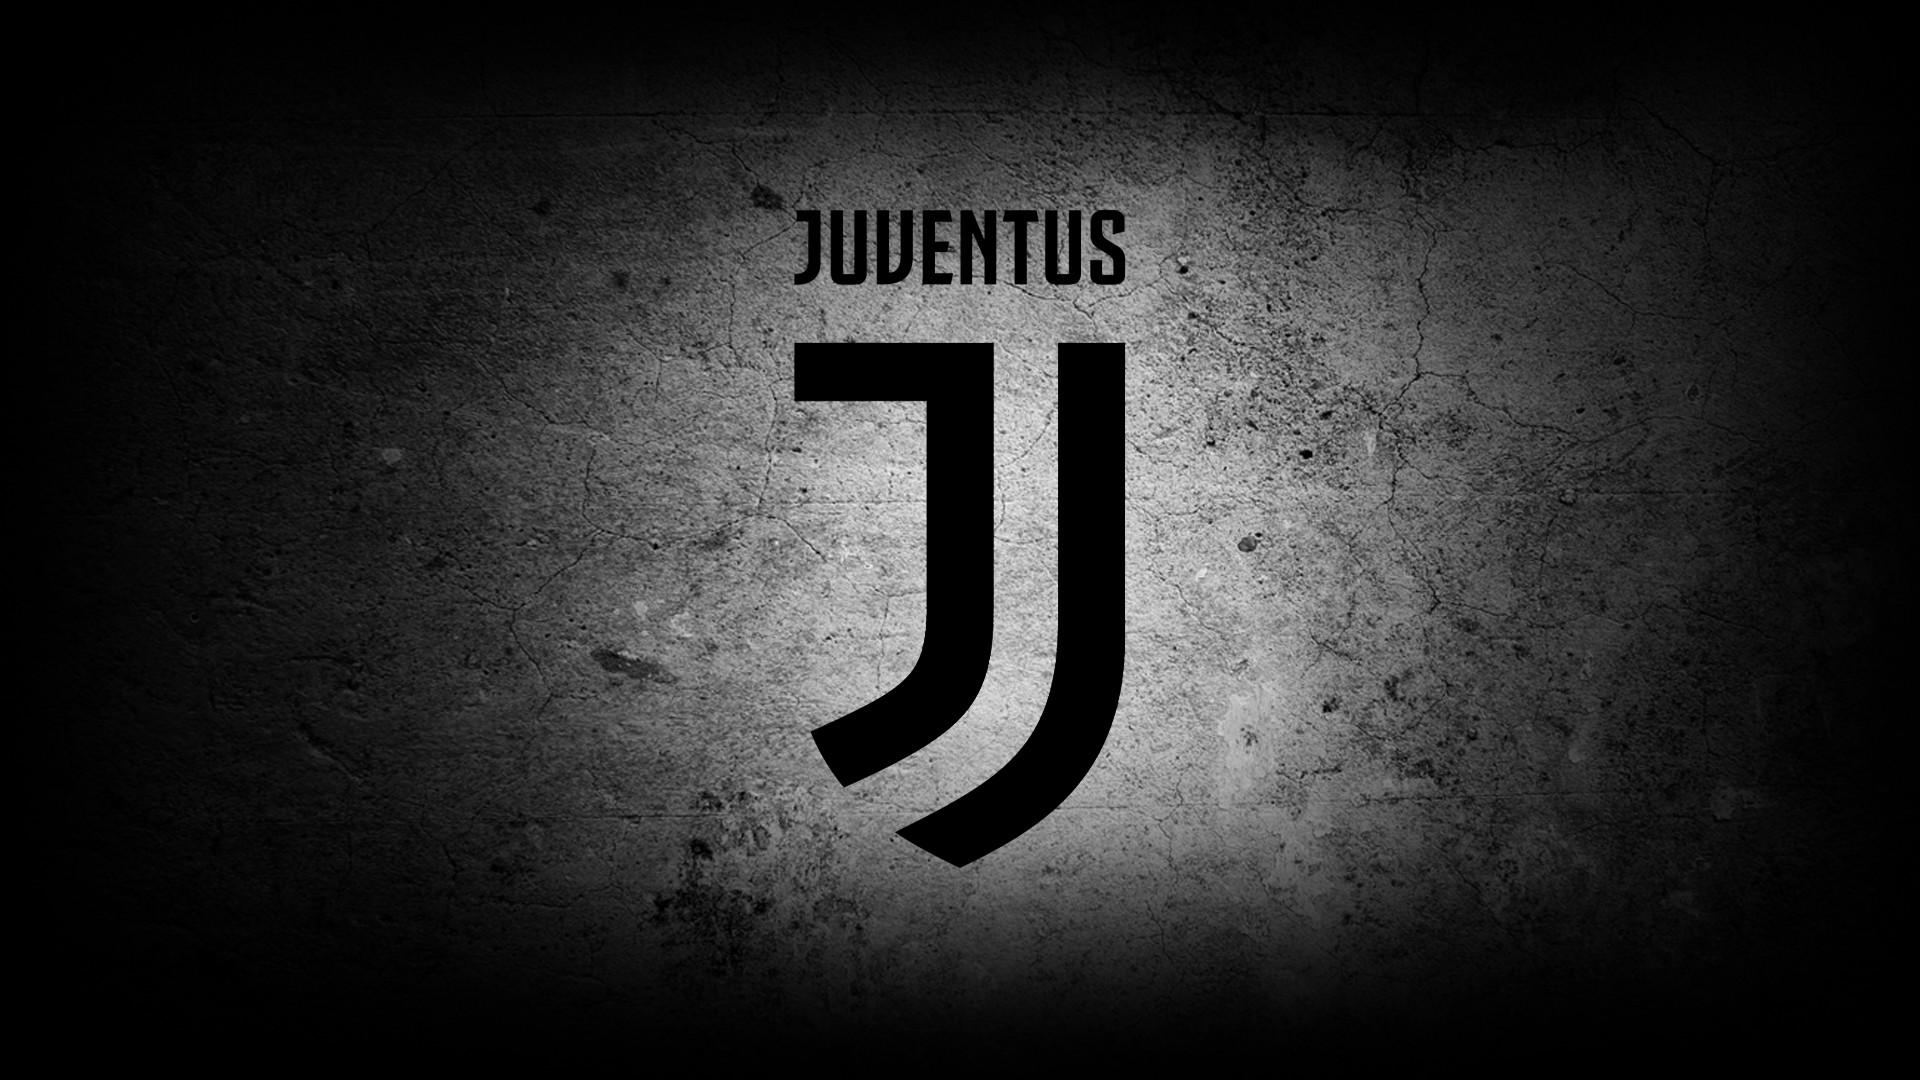 Juventus wallpaper 80 immagini for Sfondi hd juventus